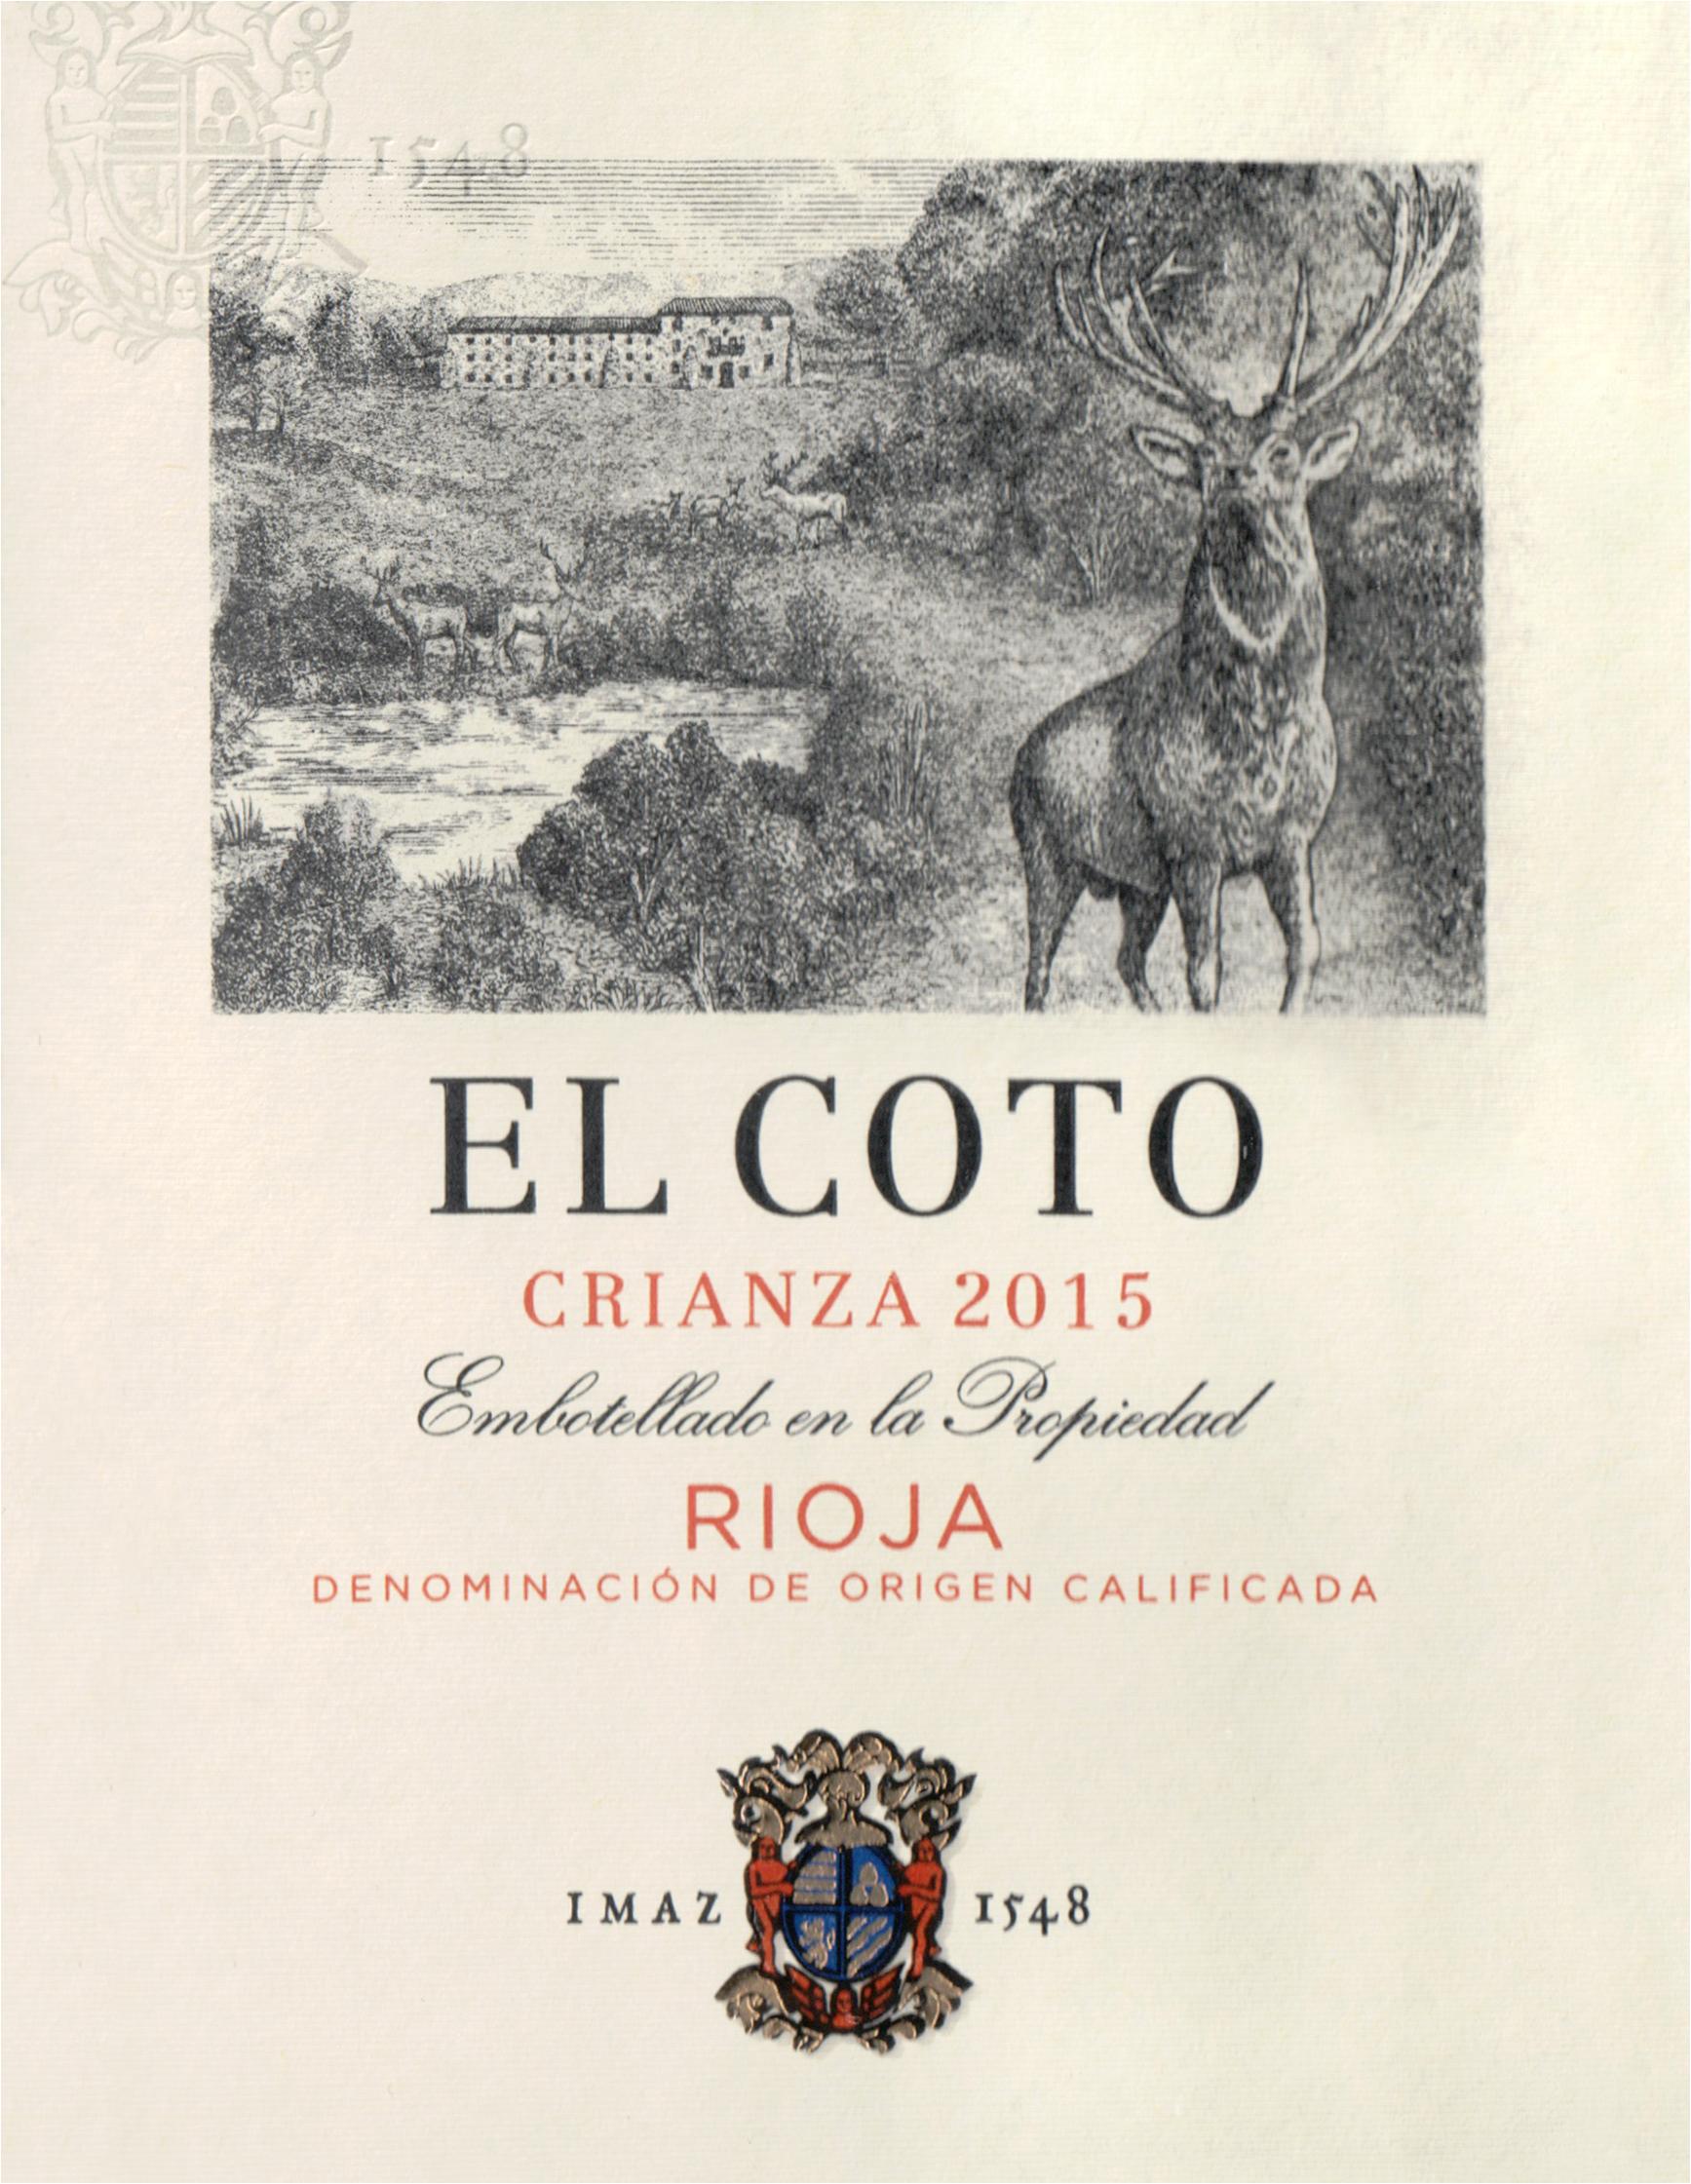 El Coto Rioja Crianza 2015